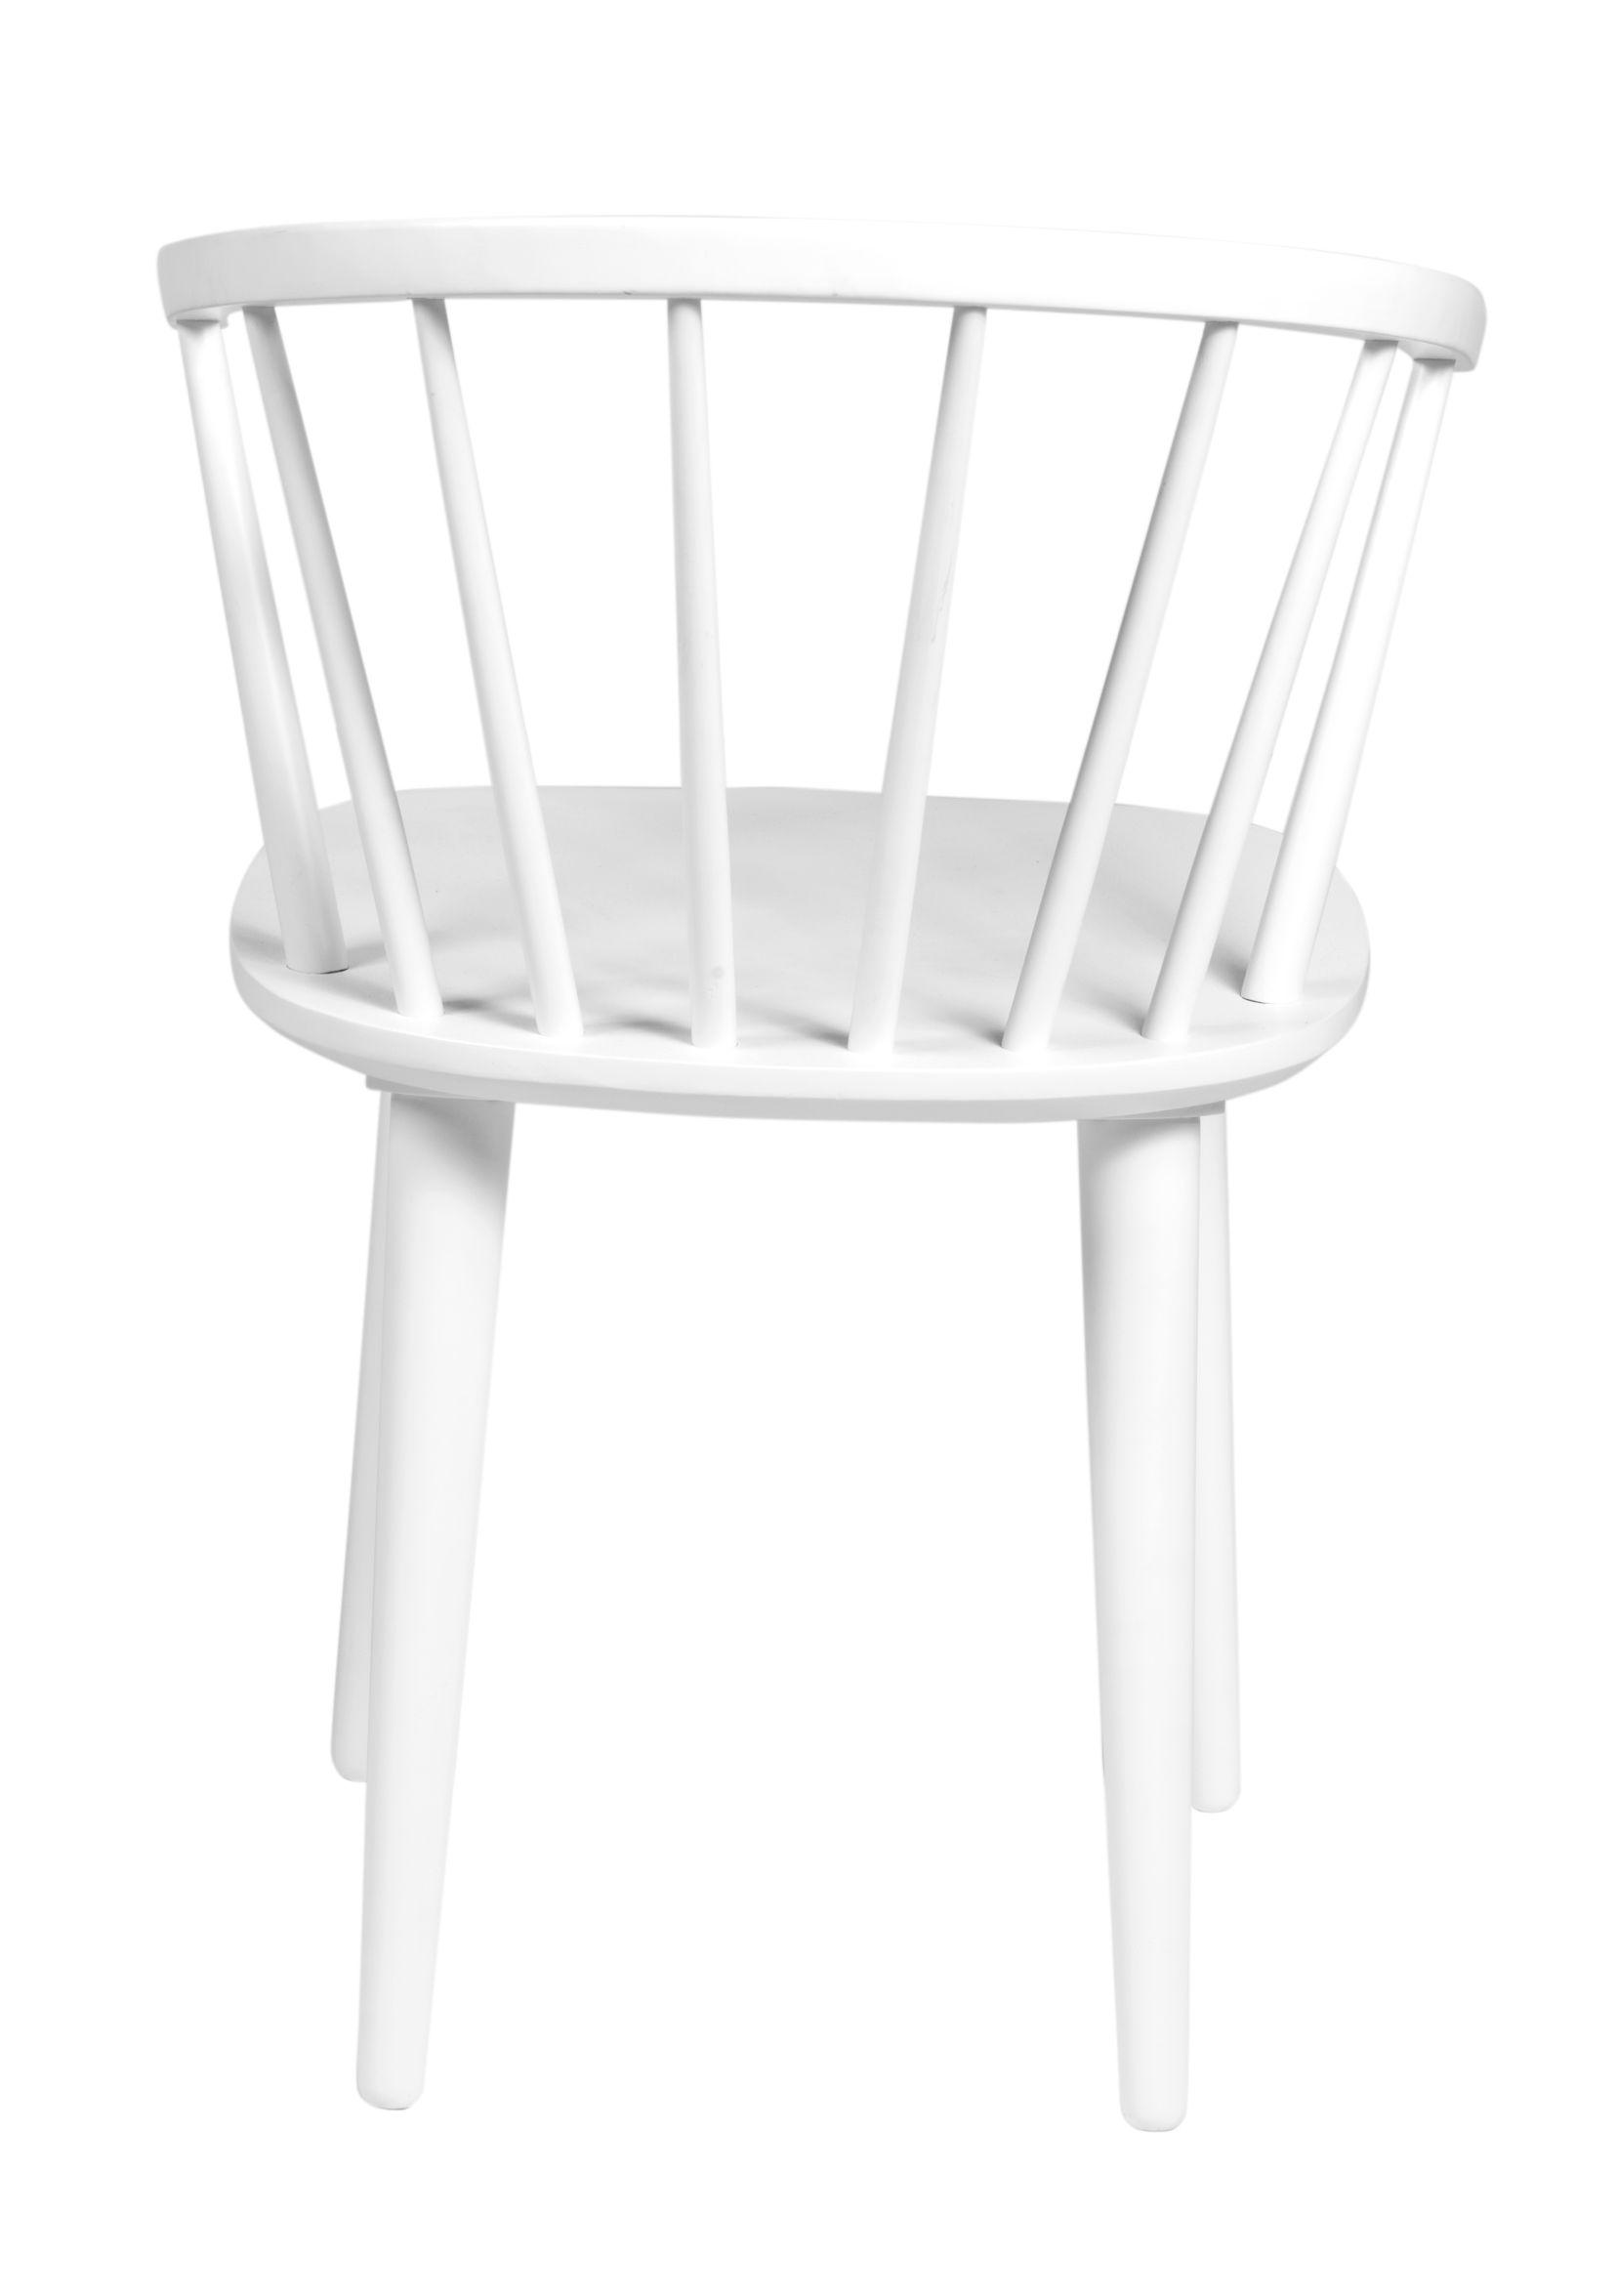 DAWSONE Carmen White Chair